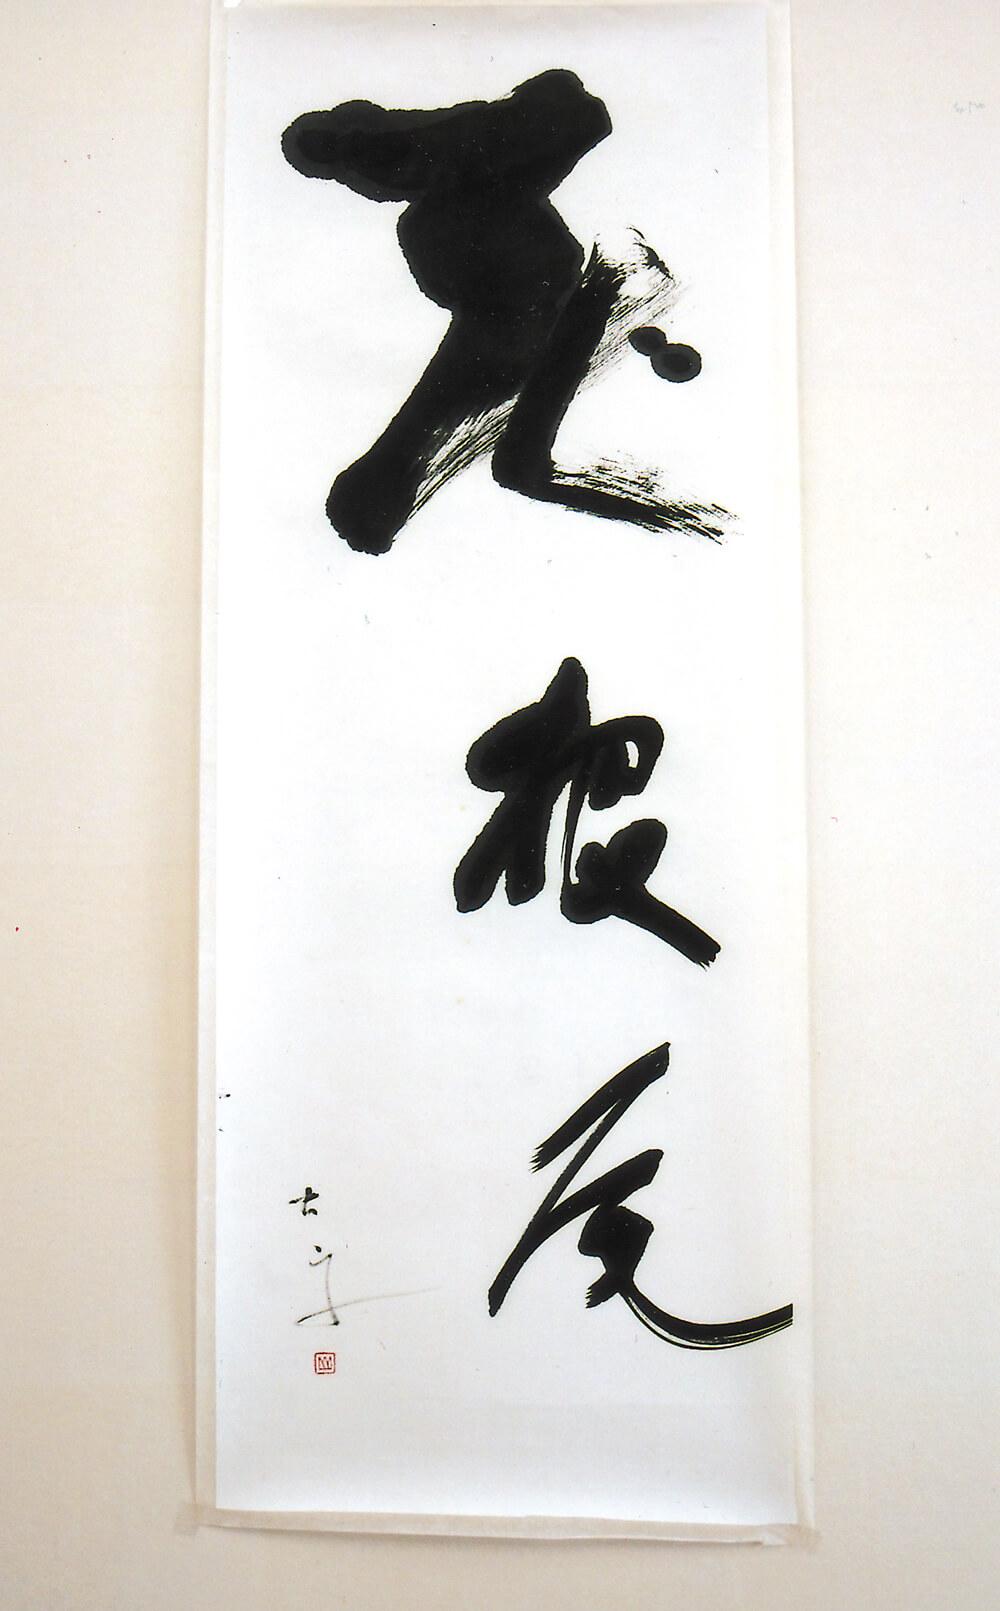 2007年2月1日から開催の「神の手・嶺男展」の作品06